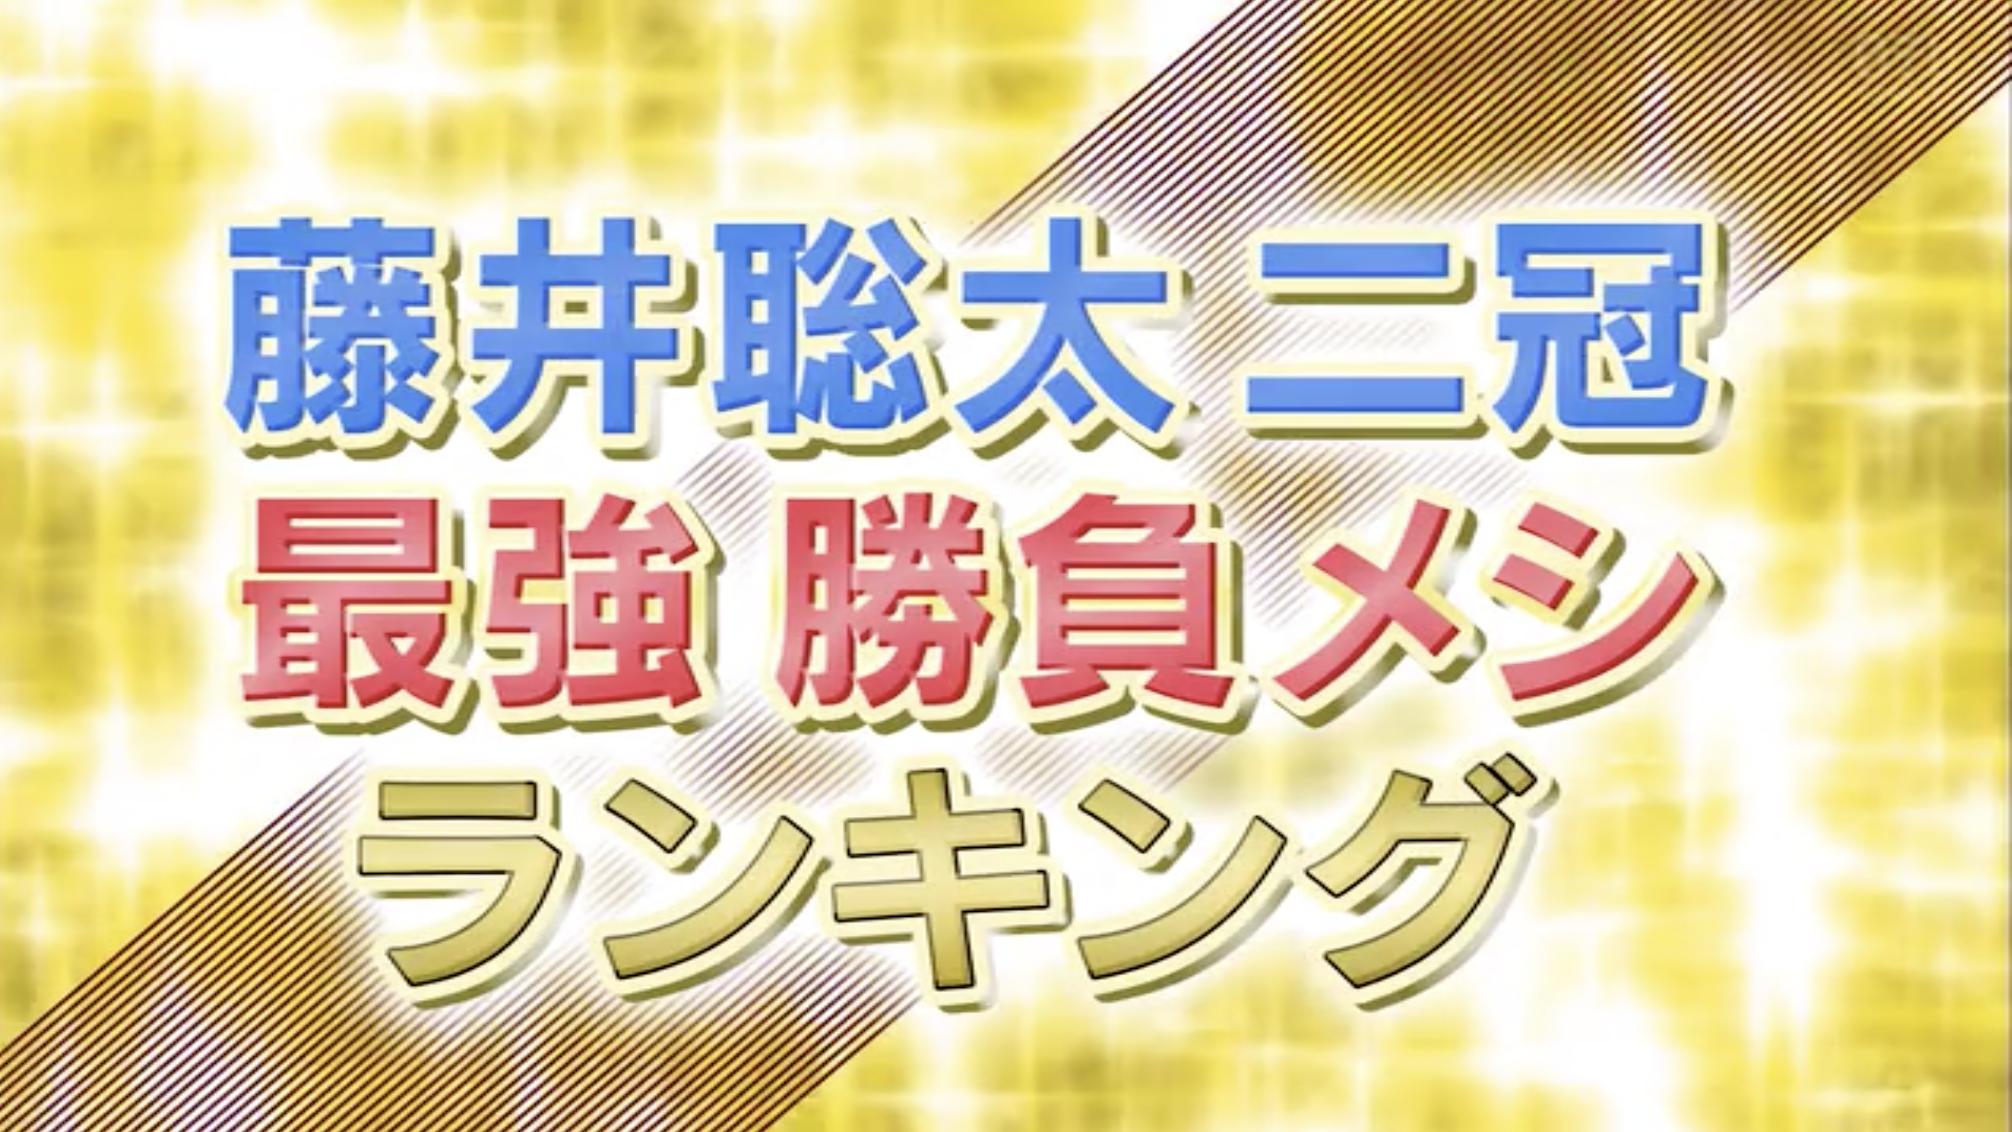 スクリーンショット 2020 11 13 17.17.29 - 【テレビ】最高の最下位の番組内で藤井聡太二冠の最強勝負メシランキングが放送、気になる1位は?